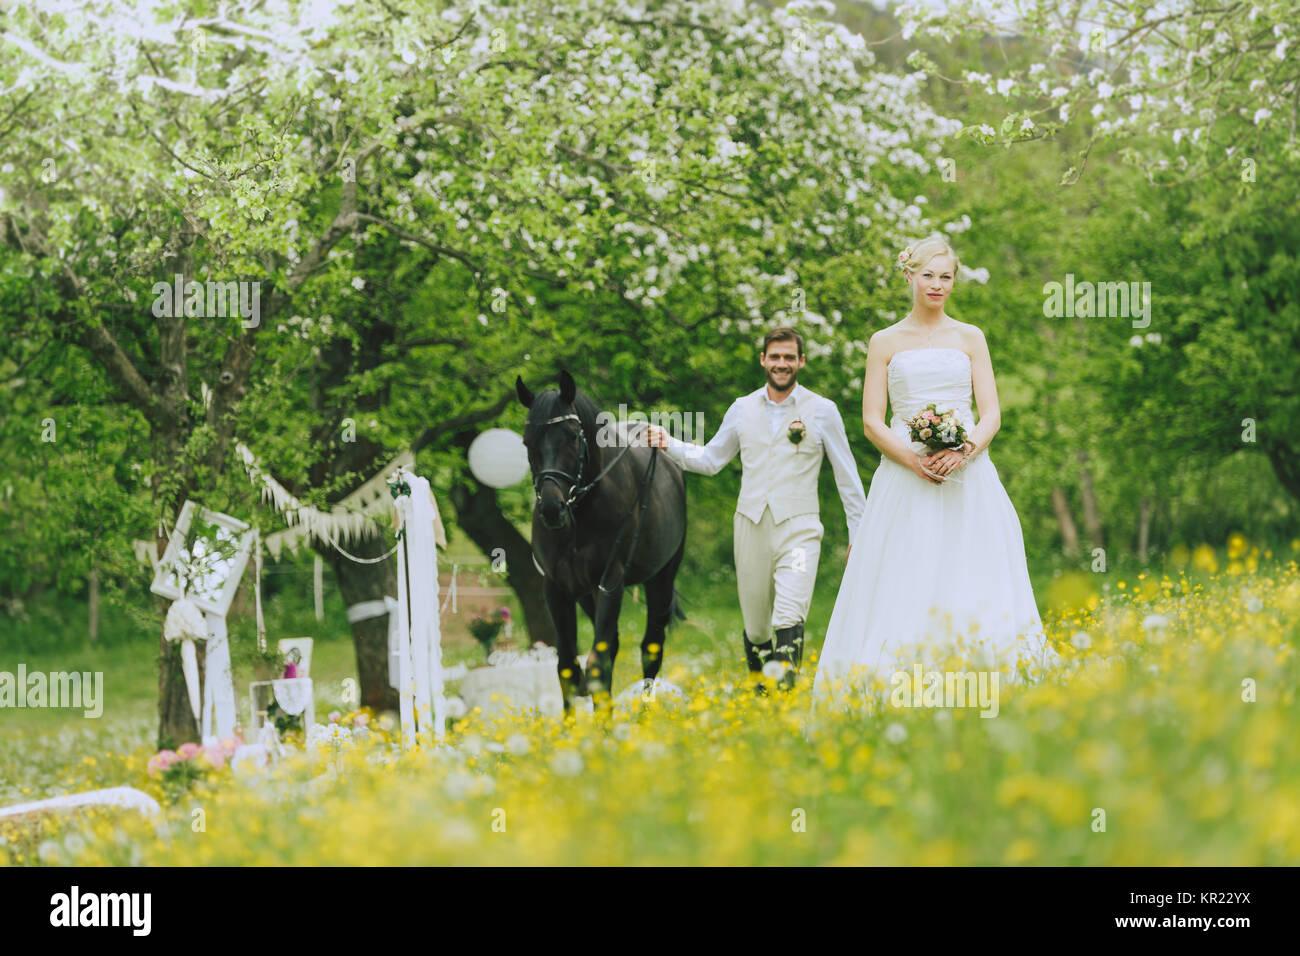 Die Braut Im Weissen Brautkleid Stehen Draussen In Einer Bluhenden